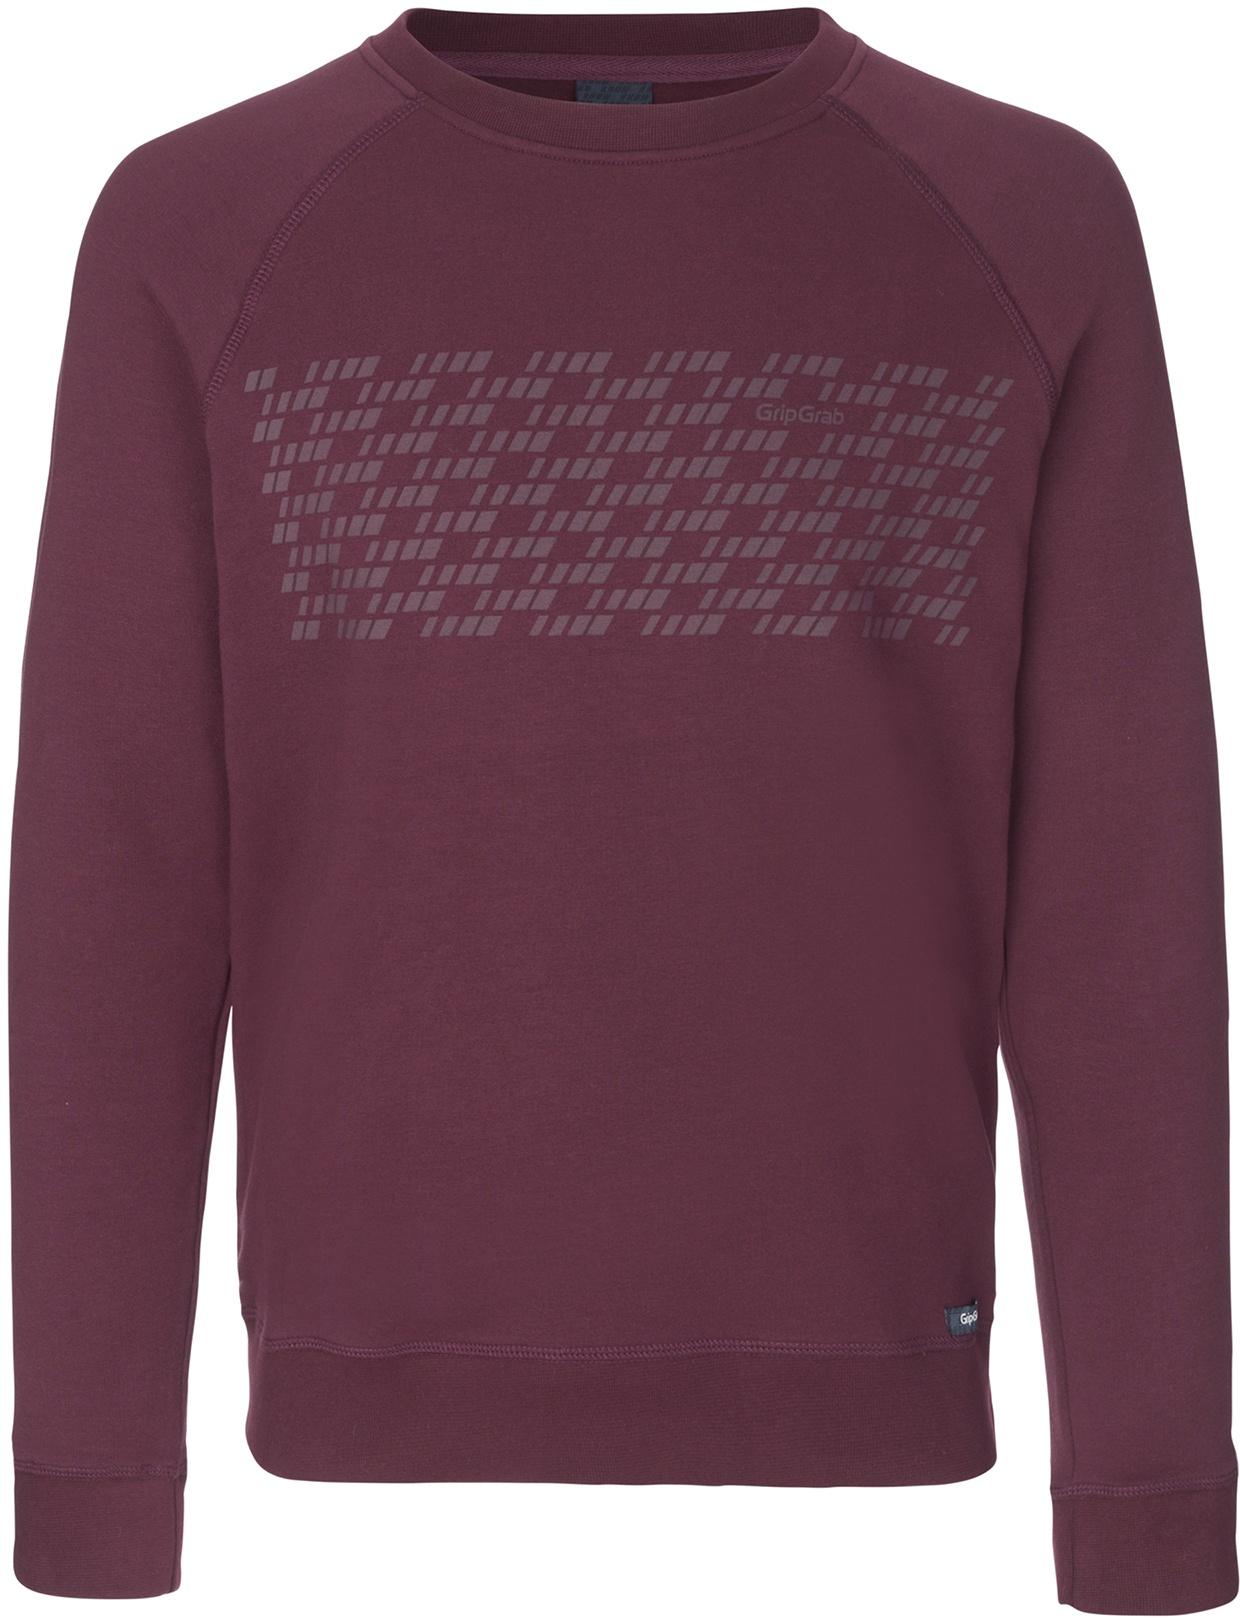 GripGrab 5th Element Langærmet Økologisk Bomuldssweatshirt - Mørk Rød